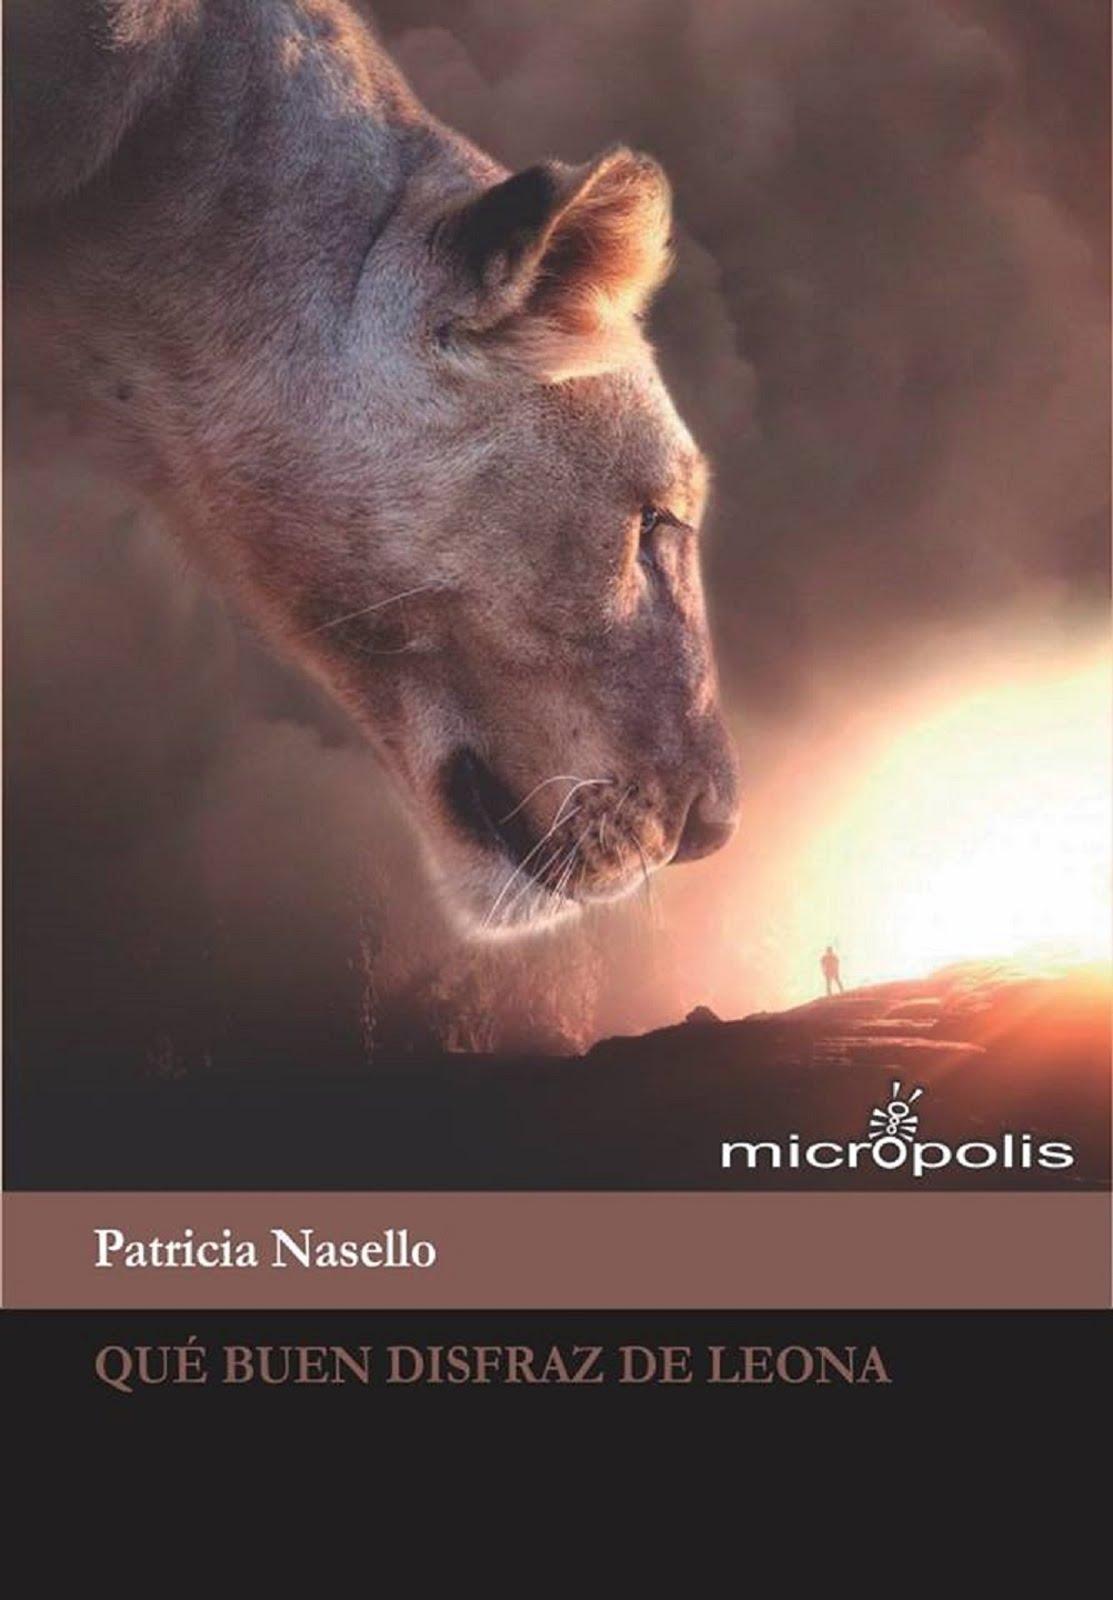 Mi próximo libro de micros